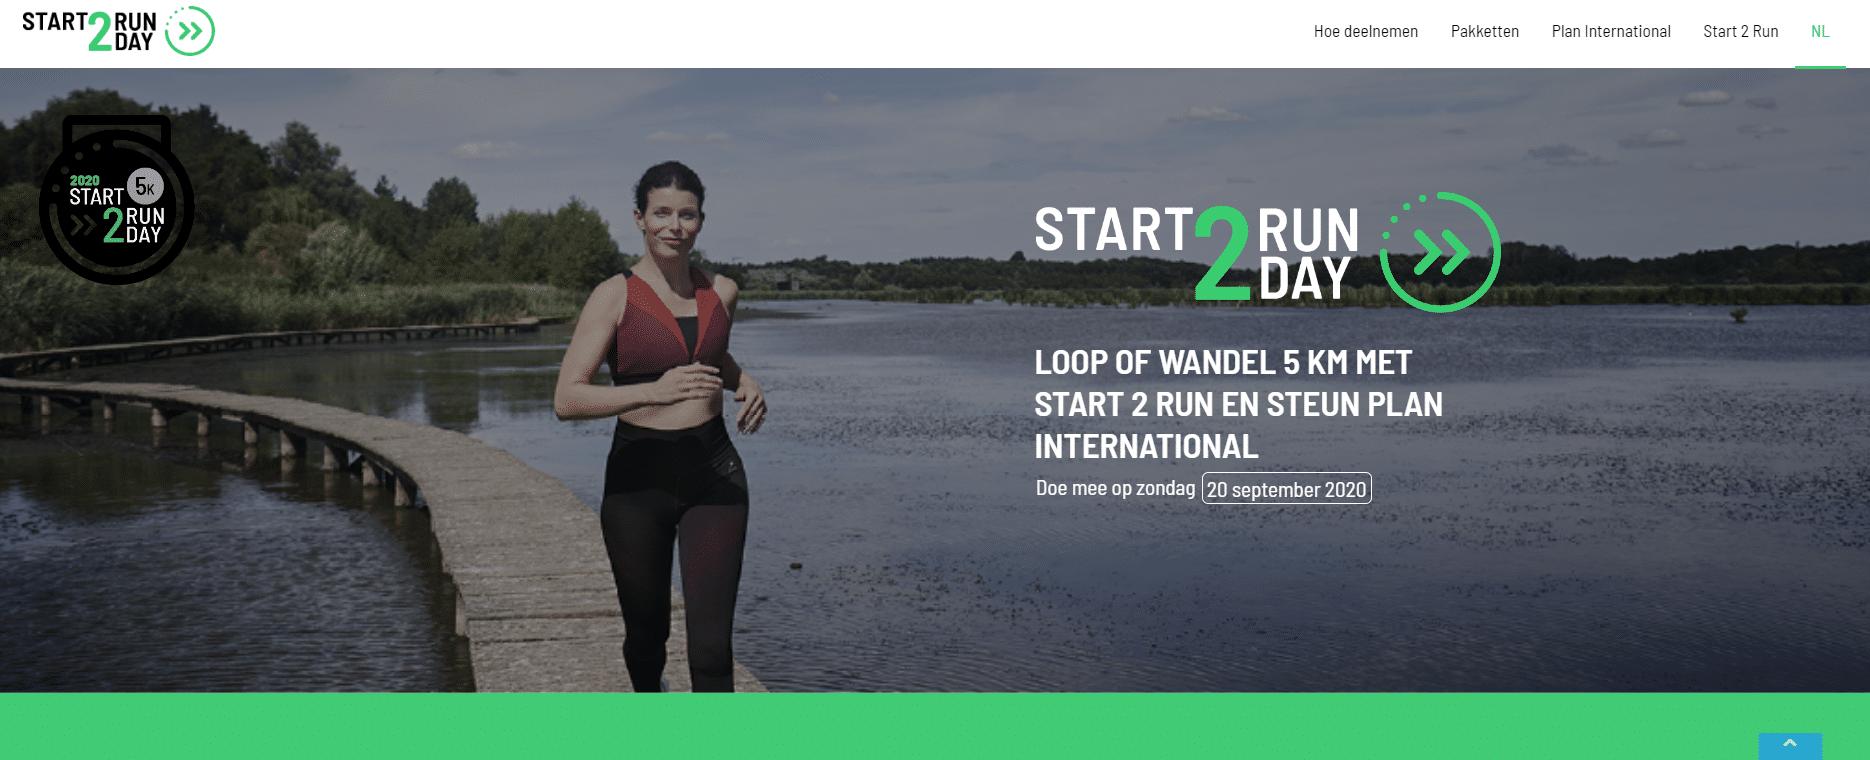 Start 2 Run day 2020